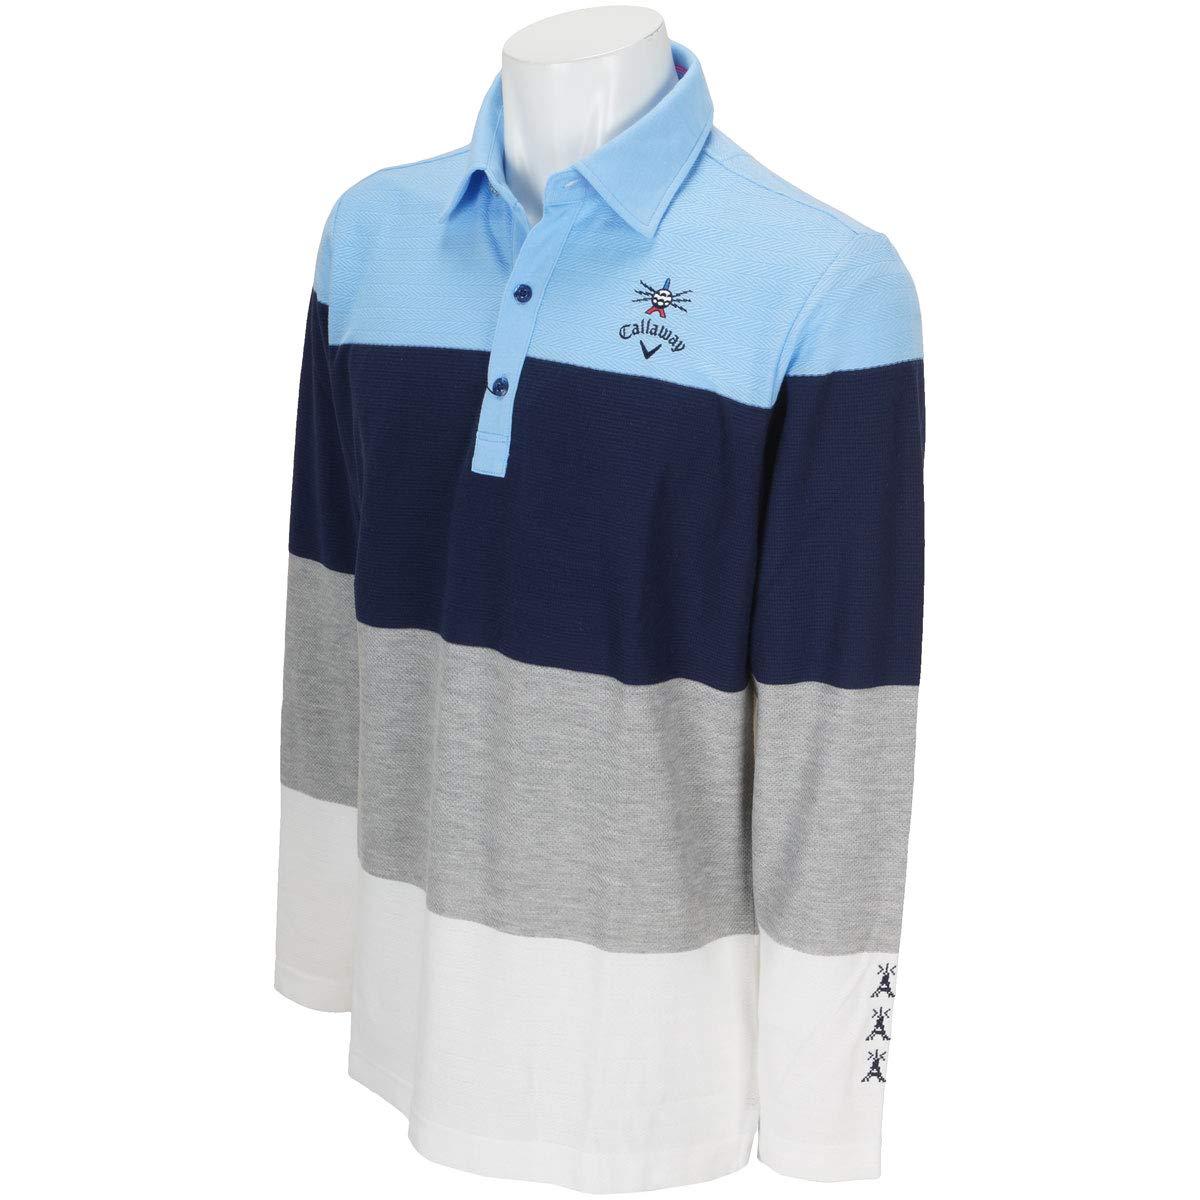 [キャロウェイ] [メンズ] 長袖 ポロシャツ (カラーシャツ) / 241-8256502 / ゴルフ ウェア B0797M1MS7 日本 LL (日本サイズ2L相当)|112_ブルー 112_ブルー 日本 LL (日本サイズ2L相当)